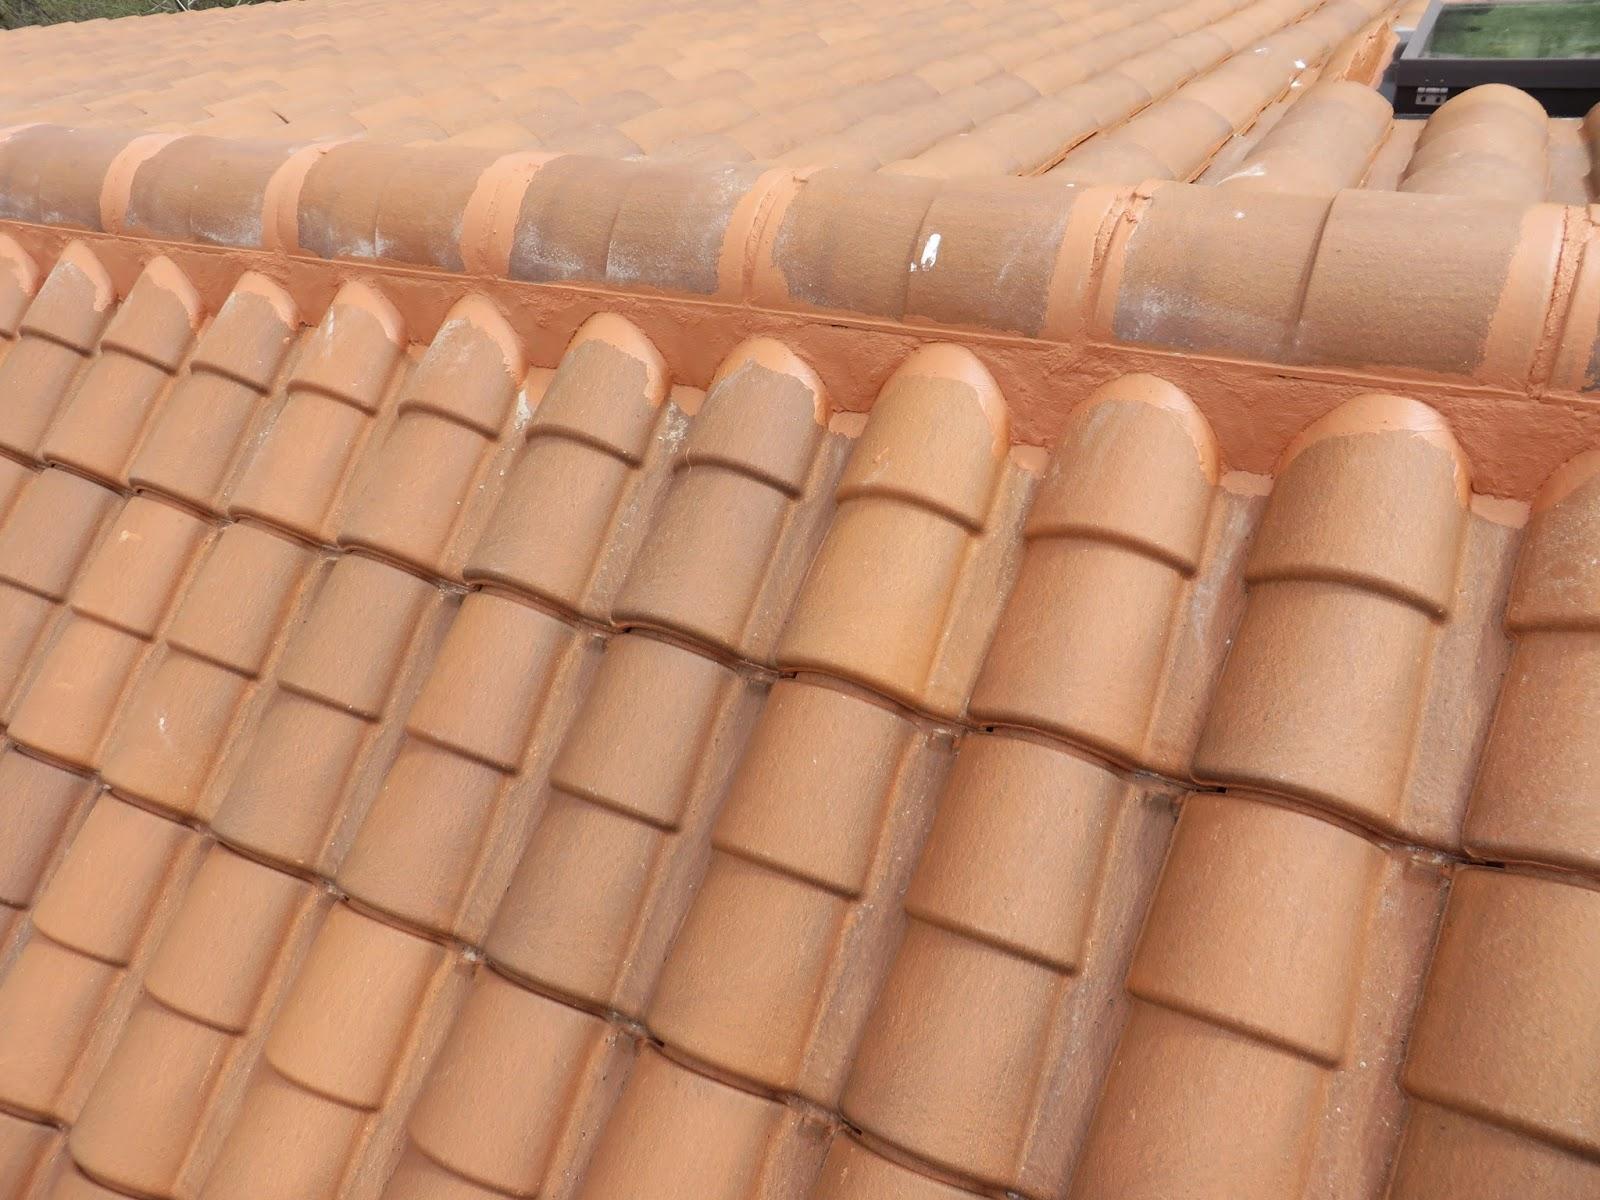 TEJADOS EMPESA DE REFORMAS EN LEÓN CUBIERTAS DE TEJA FRANCESA PRESUPUESTOS.  Reformas de tejados en León,presupuestos tlf 618848709 wasap y 987846623 atencion